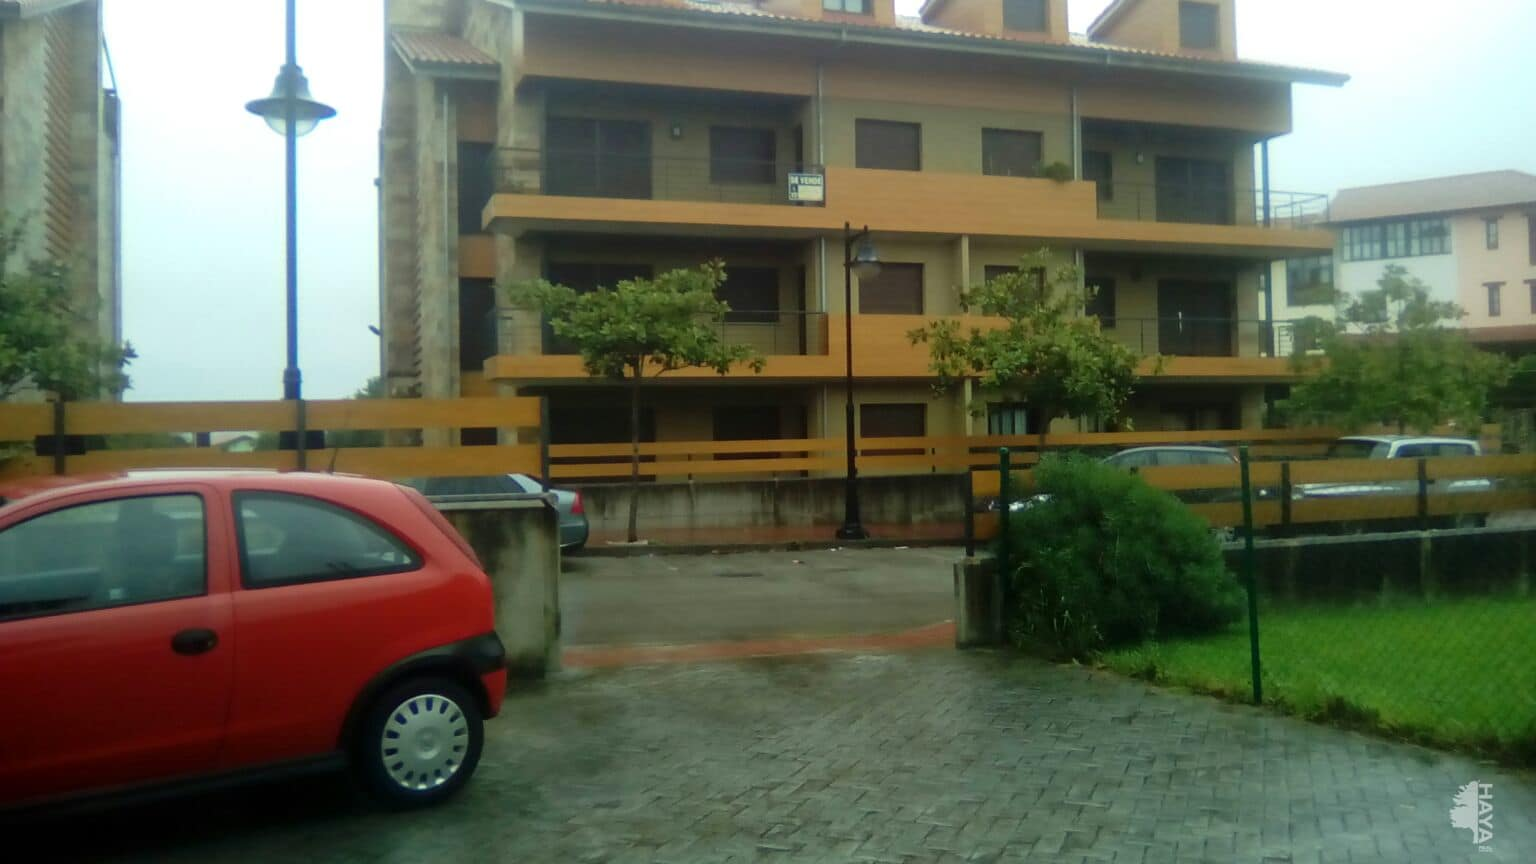 Piso en venta en Ribadedeva, Asturias, Urbanización la Americas Iii, 155.706 €, 1 habitación, 1 baño, 77 m2